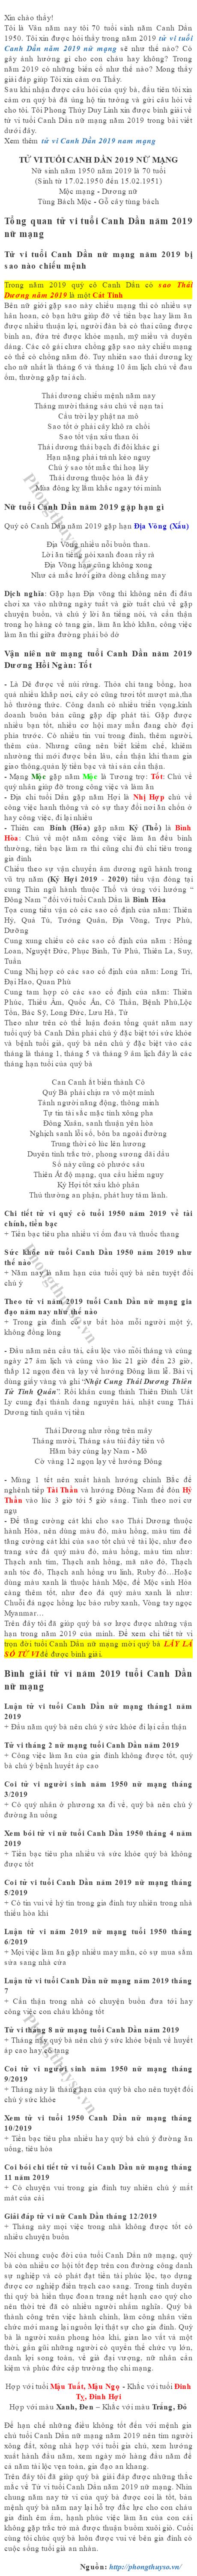 tu-vi-tuoi-canh-dan-nam-2019-nu-mang